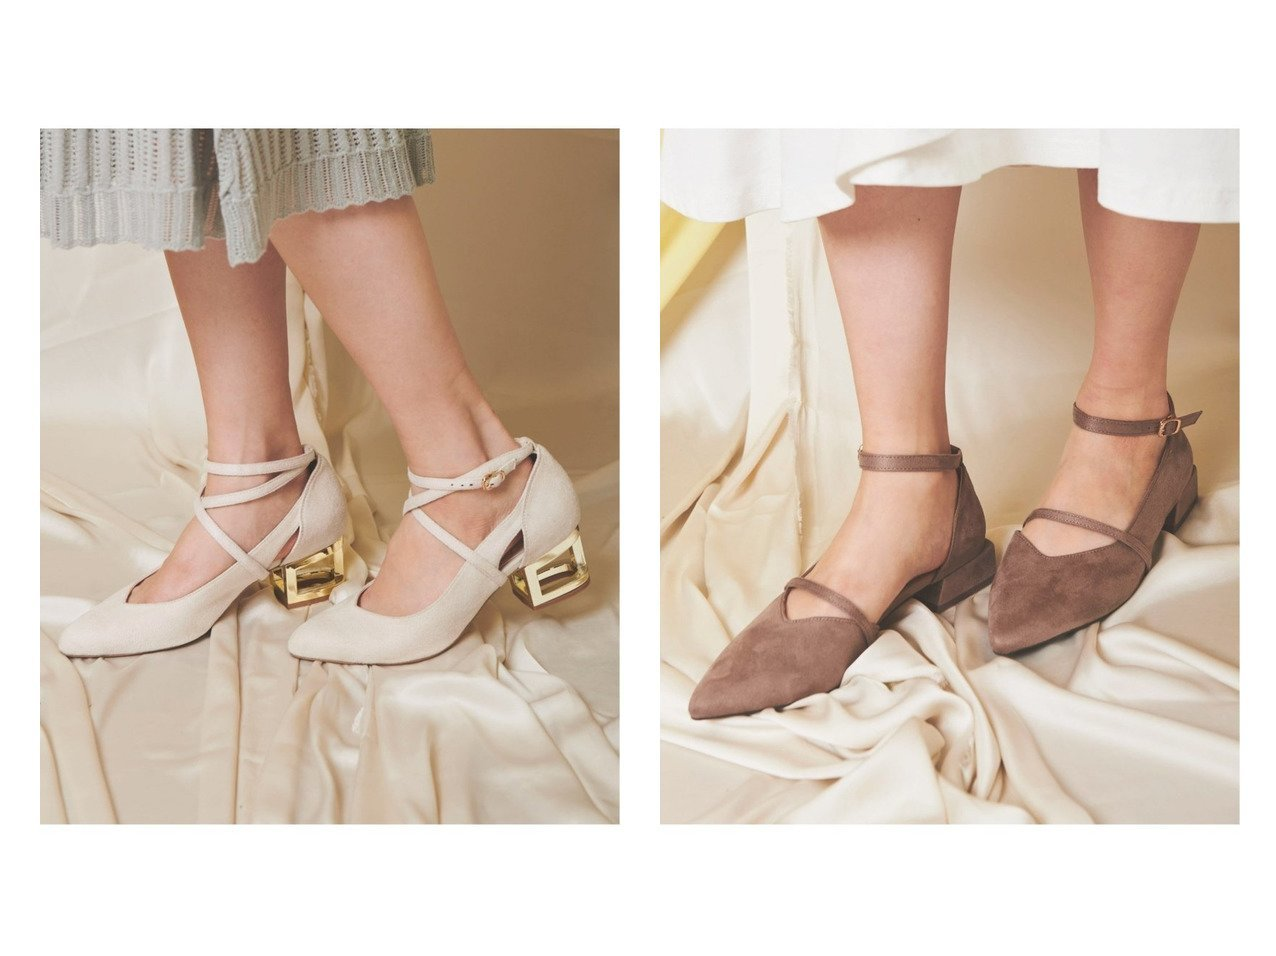 【Noela/ノエラ】のゴールドヒールパンプス&ラインストラップパンプス シューズ・靴のおすすめ!人気、トレンド・レディースファッションの通販 おすすめで人気の流行・トレンド、ファッションの通販商品 メンズファッション・キッズファッション・インテリア・家具・レディースファッション・服の通販 founy(ファニー) https://founy.com/ ファッション Fashion レディースファッション WOMEN NEW・新作・新着・新入荷 New Arrivals シューズ ベーシック ラップ |ID:crp329100000009782